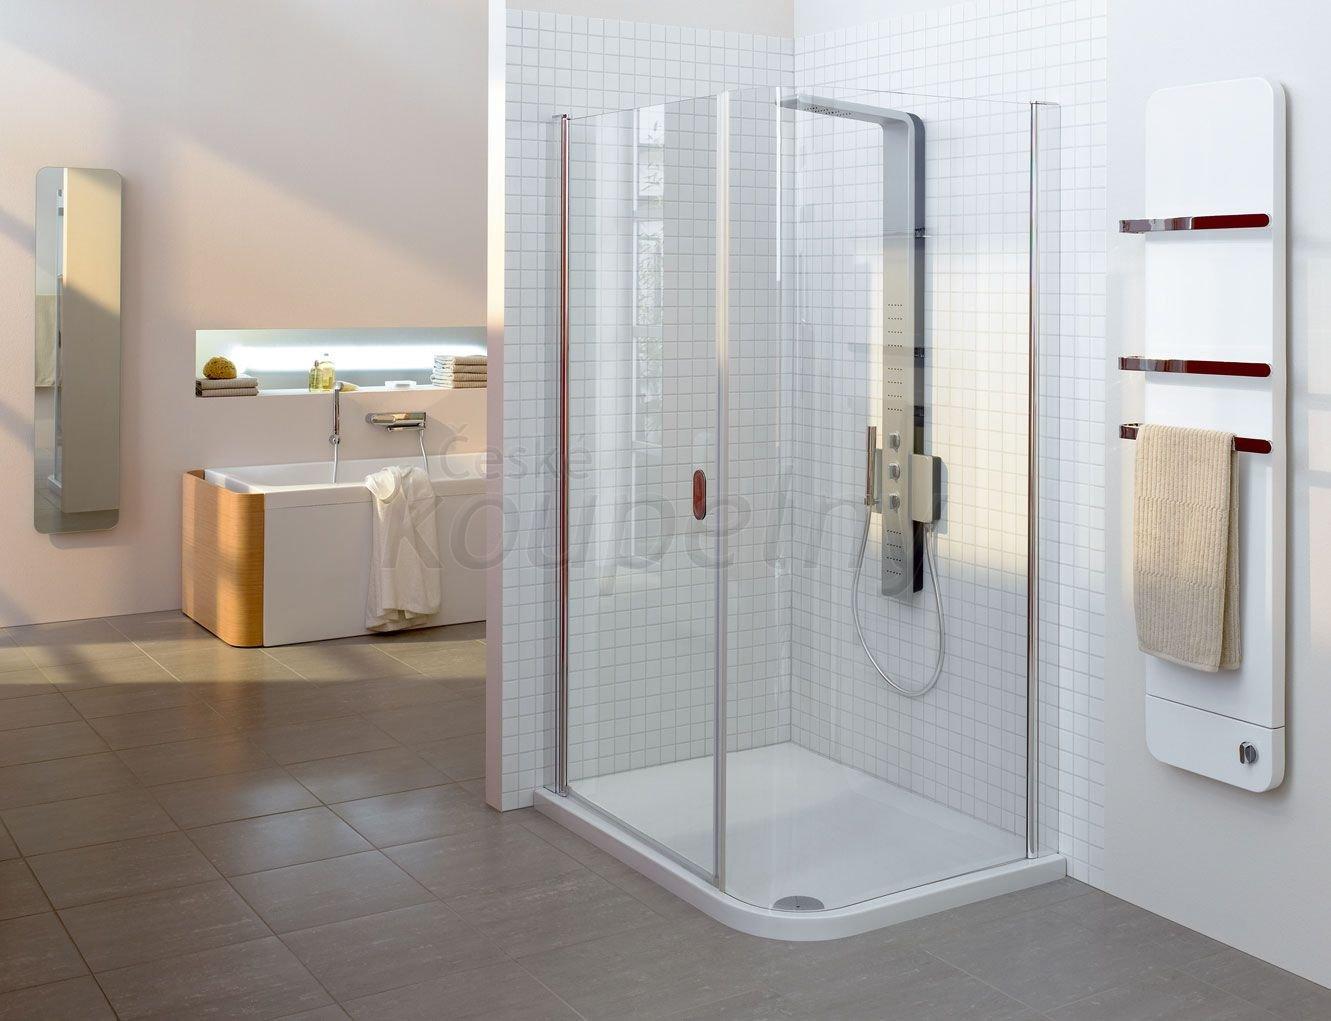 ideal standard moments sprchov mas n panel esk koupelny. Black Bedroom Furniture Sets. Home Design Ideas